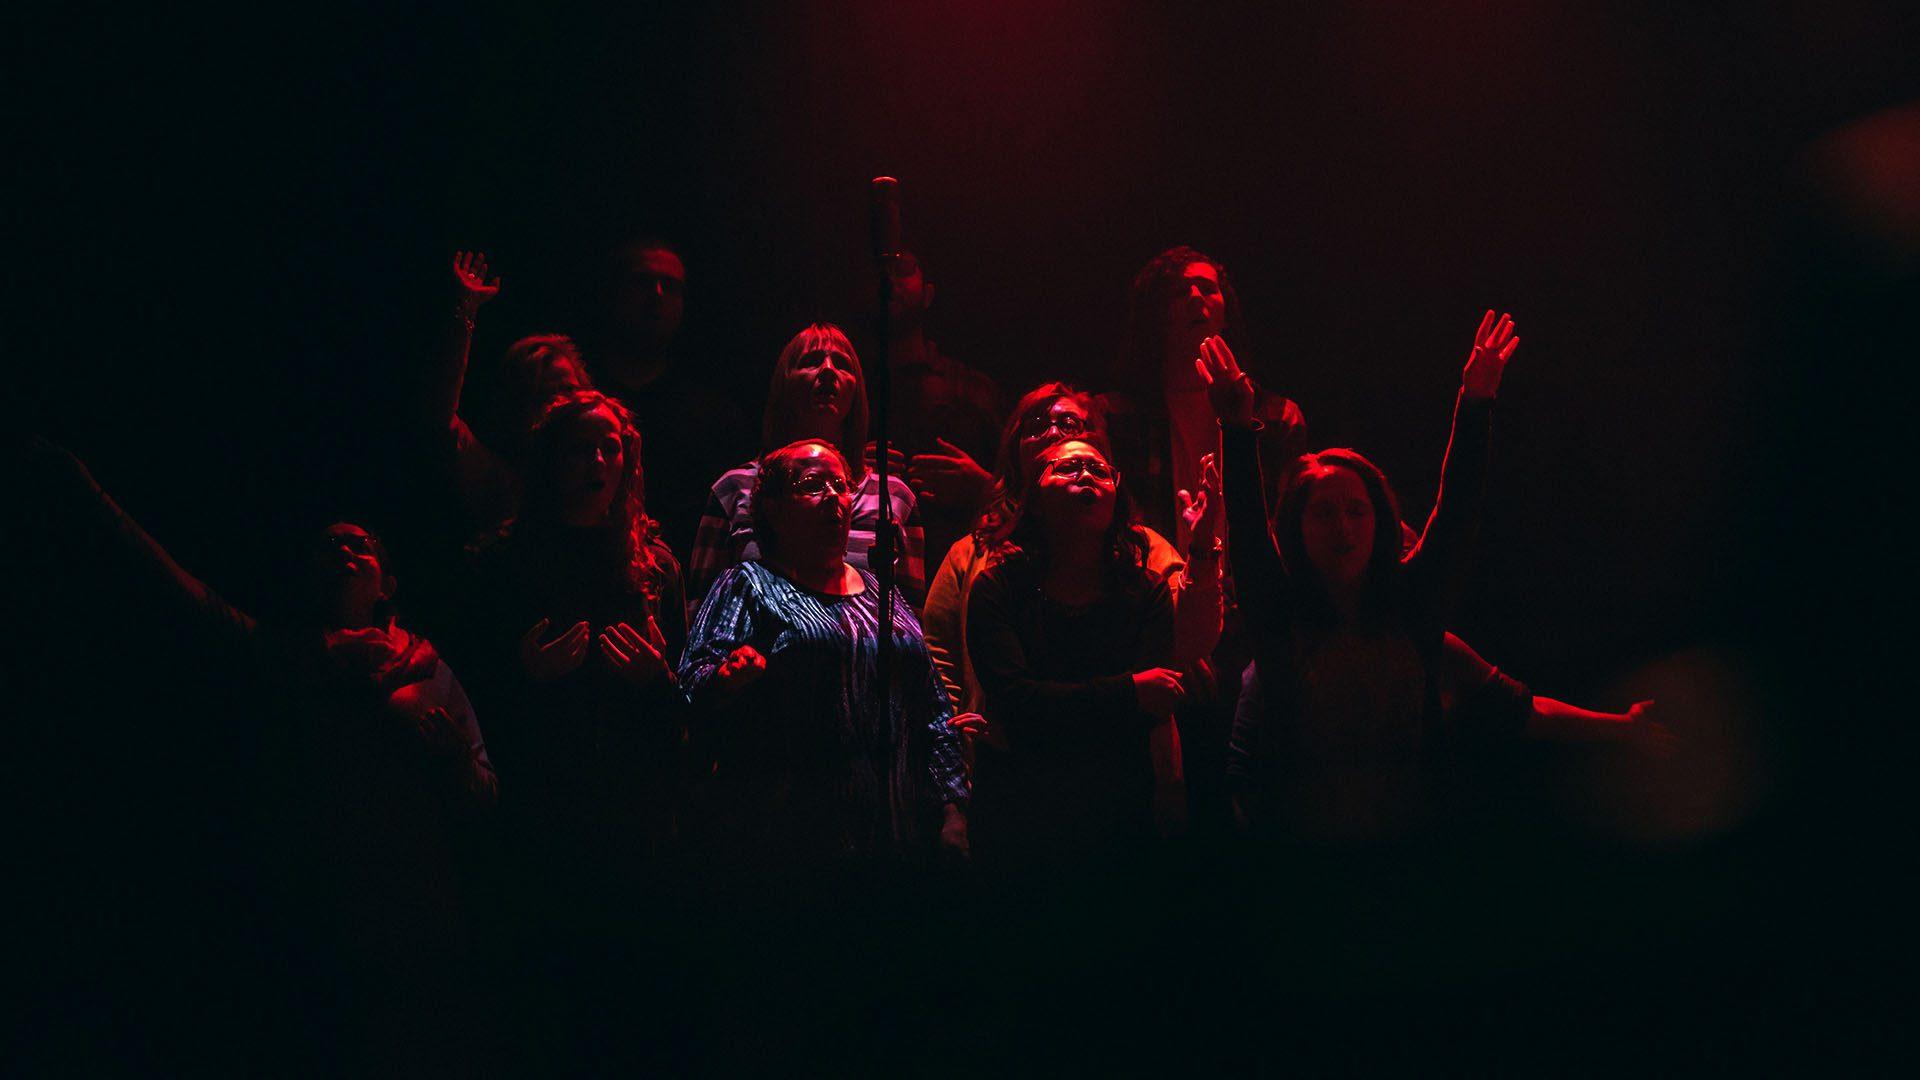 voix de la congrégation : louange